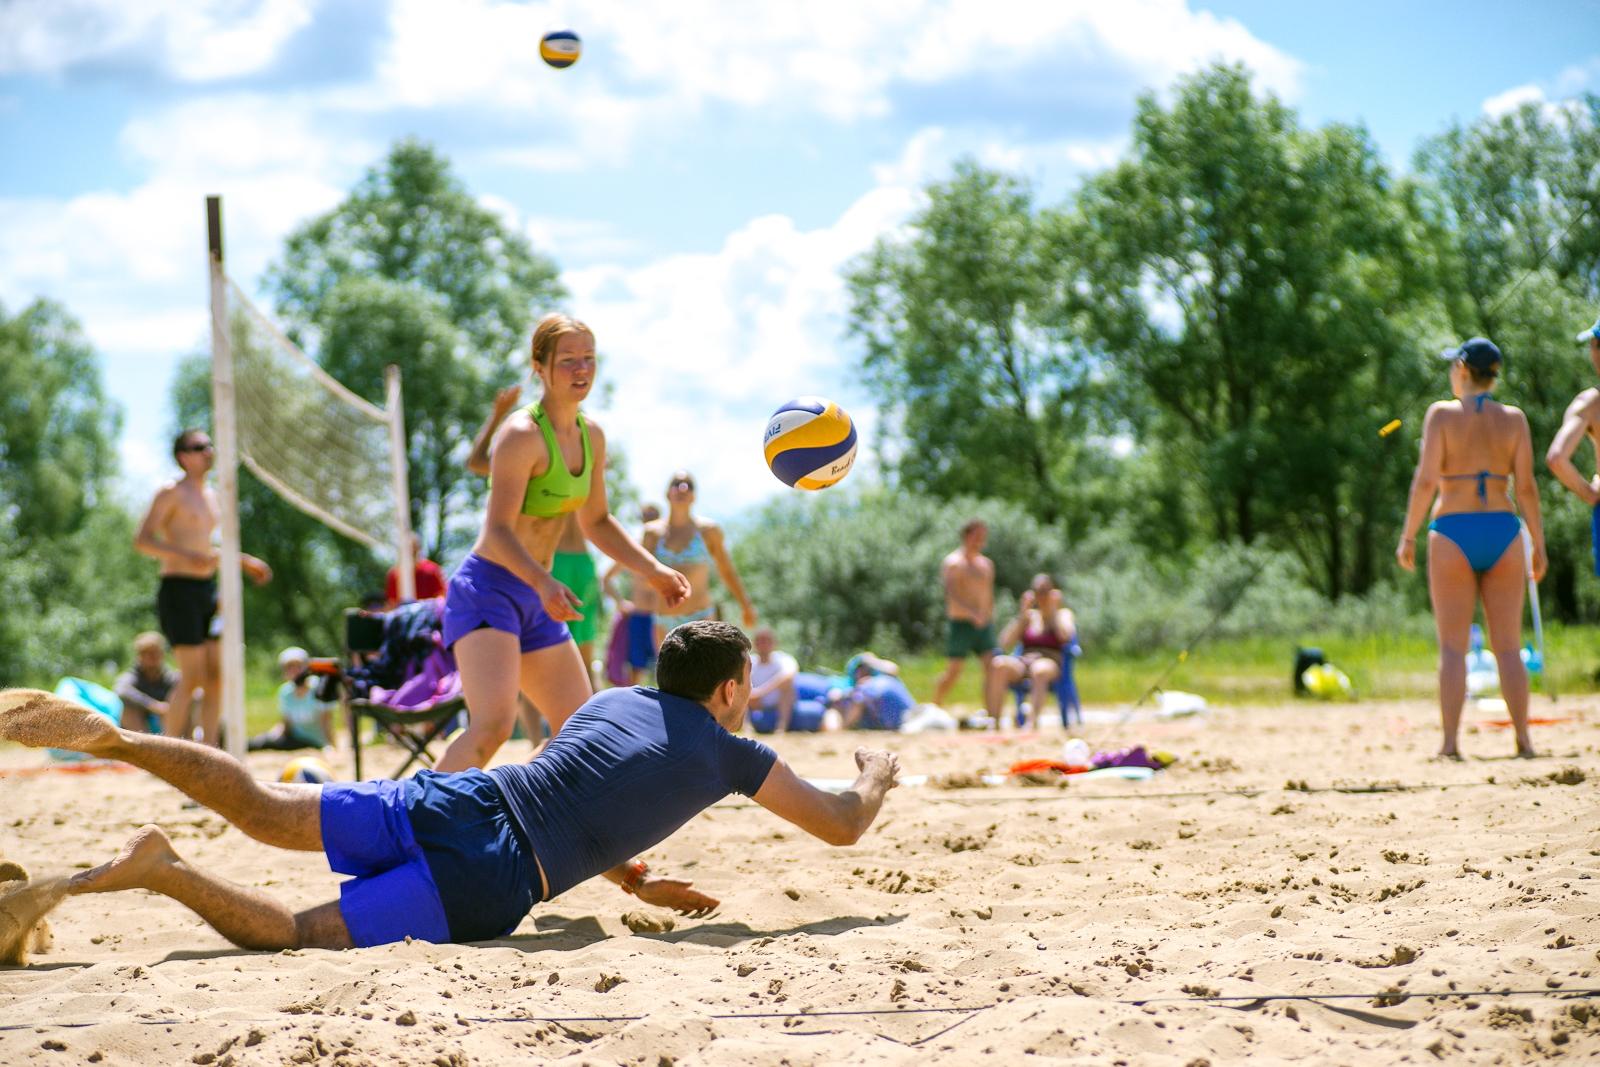 Пляжный волейбол на природе